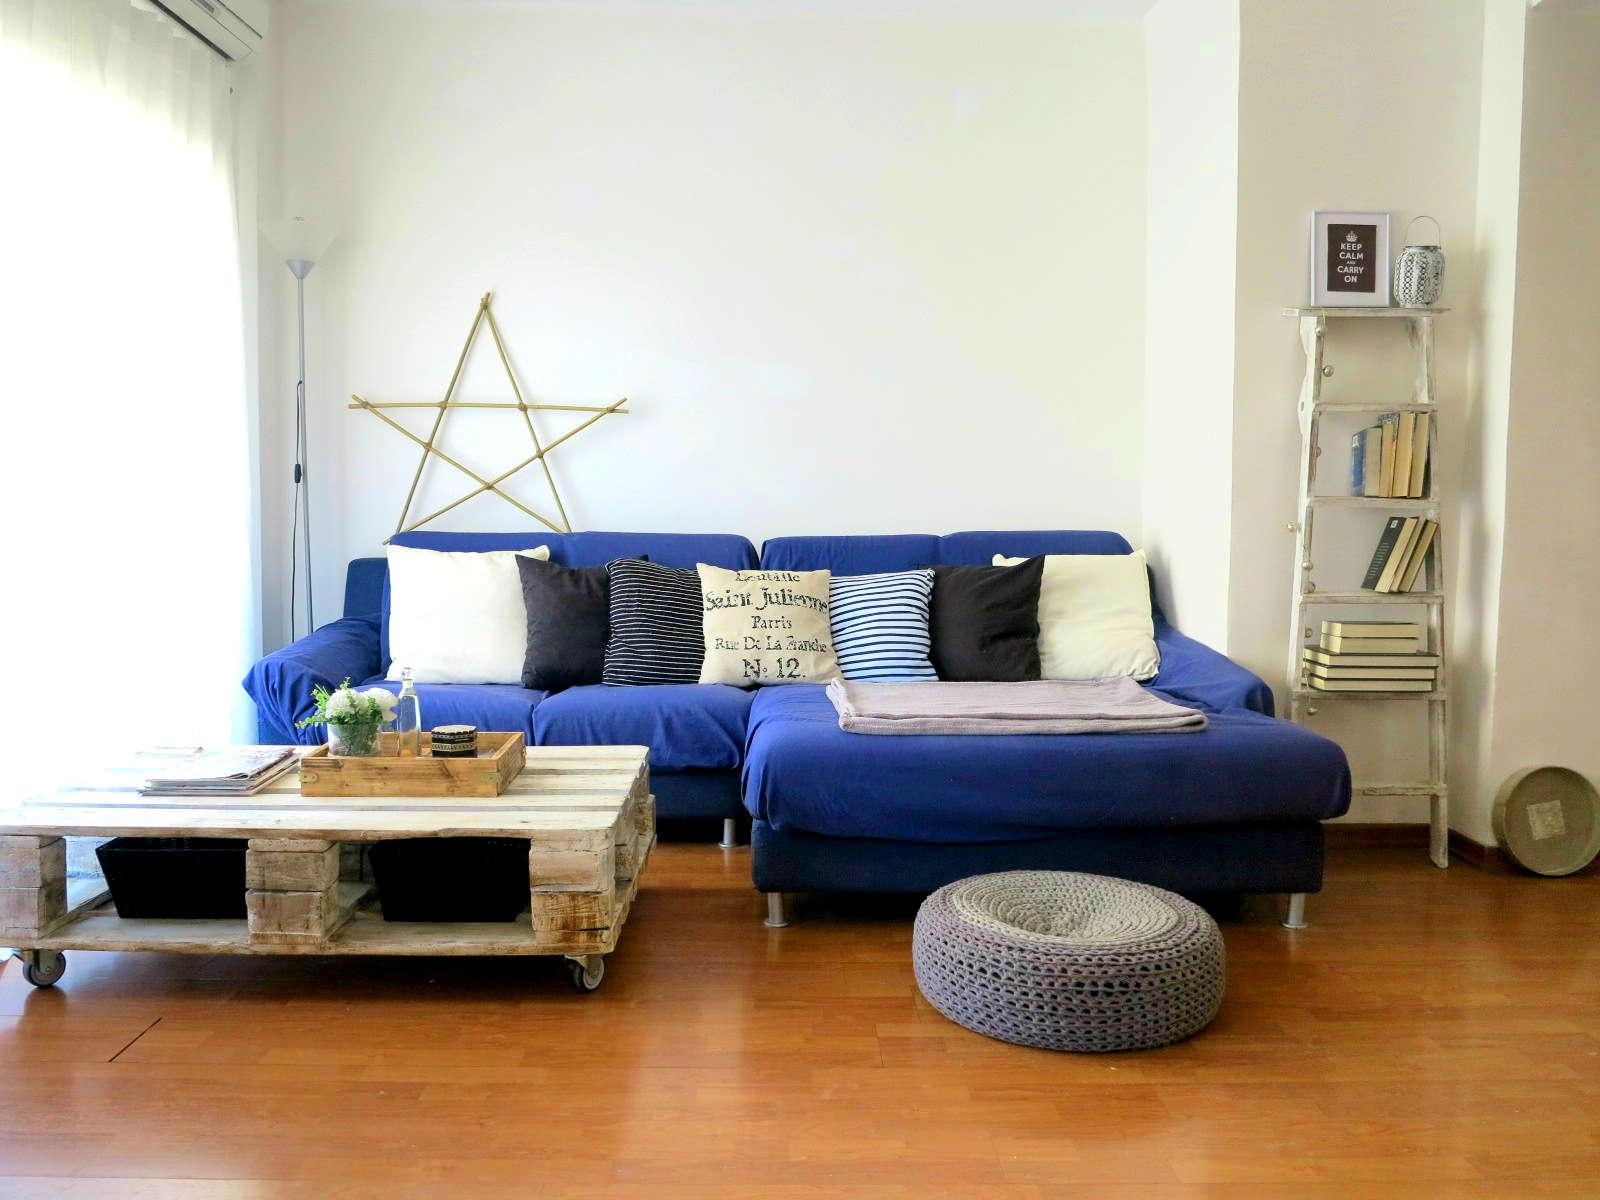 Rocco En Mi Sofa Mi Salon Como Cambiar La Decoracion Con Poco Dinero - Como-decorar-el-salon-de-mi-casa